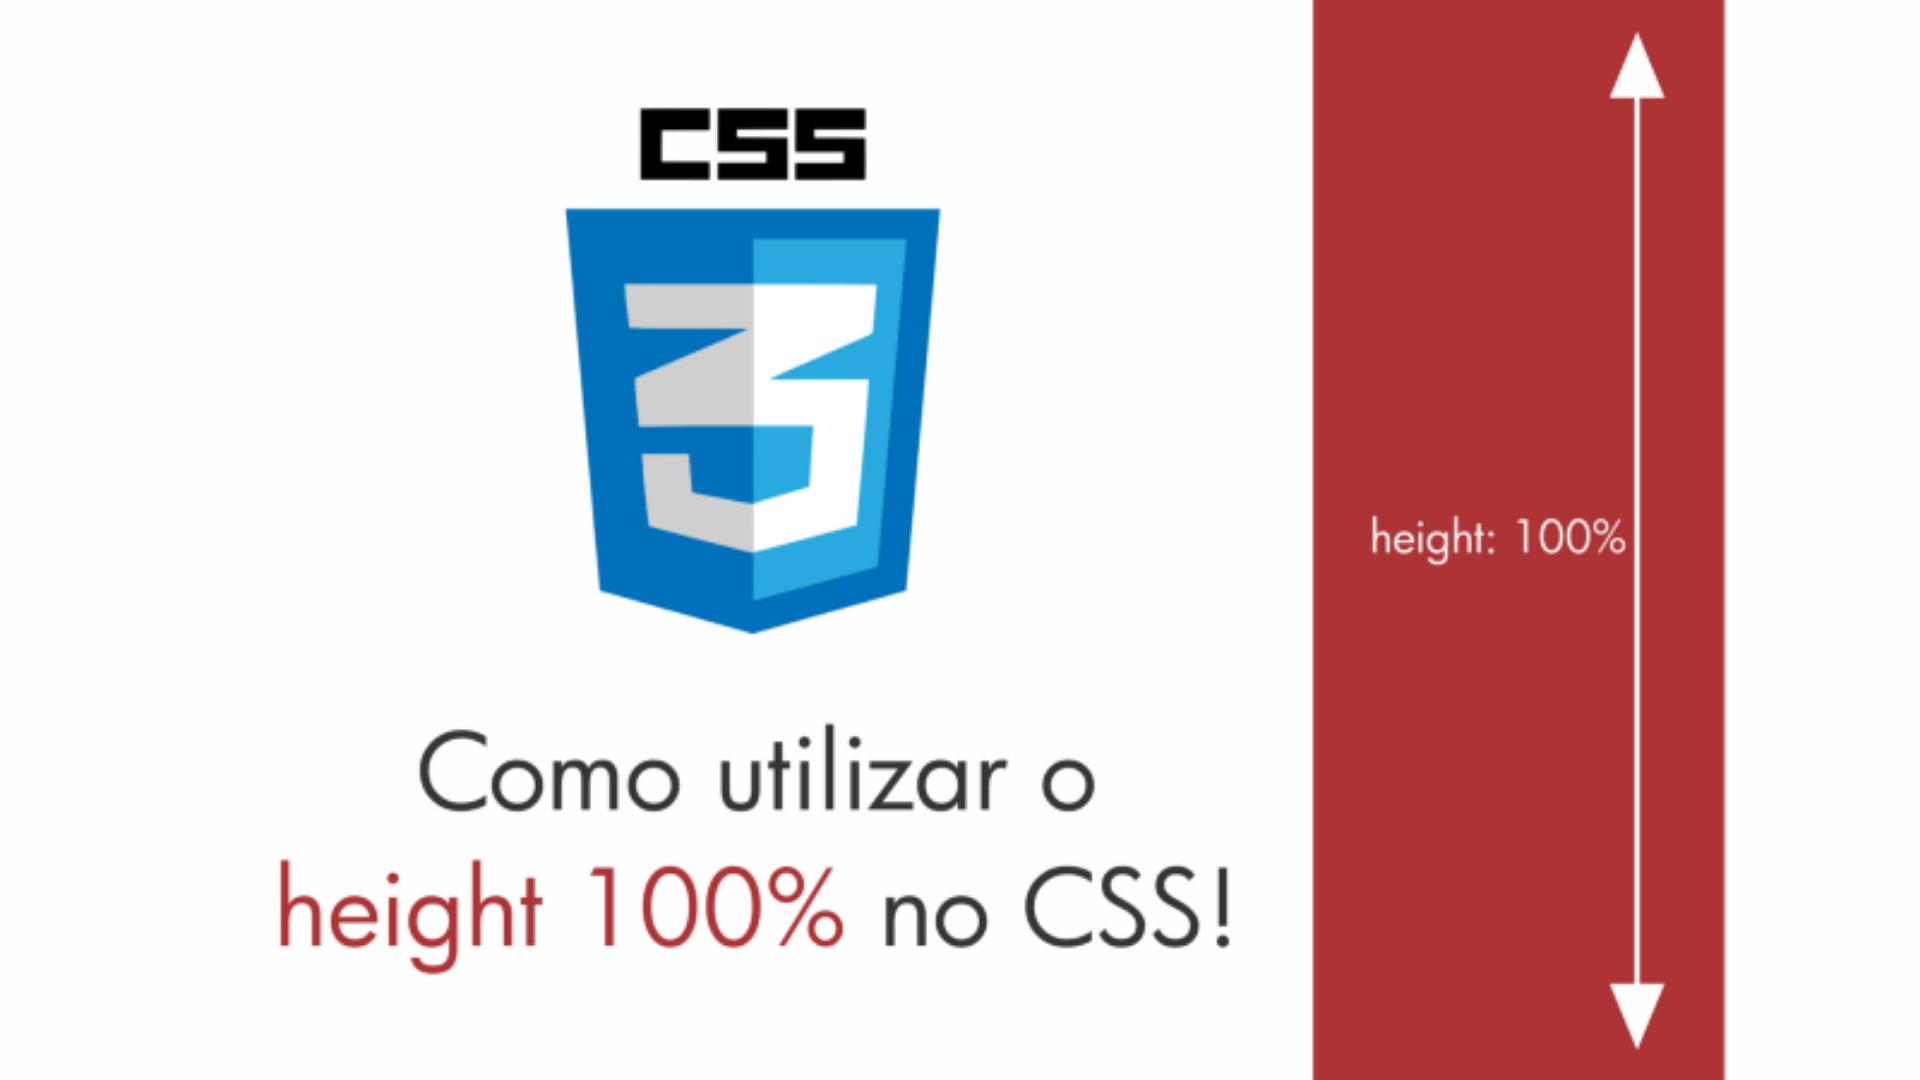 Entenda de uma vez por todas como utilizar o height 100% no CSS!